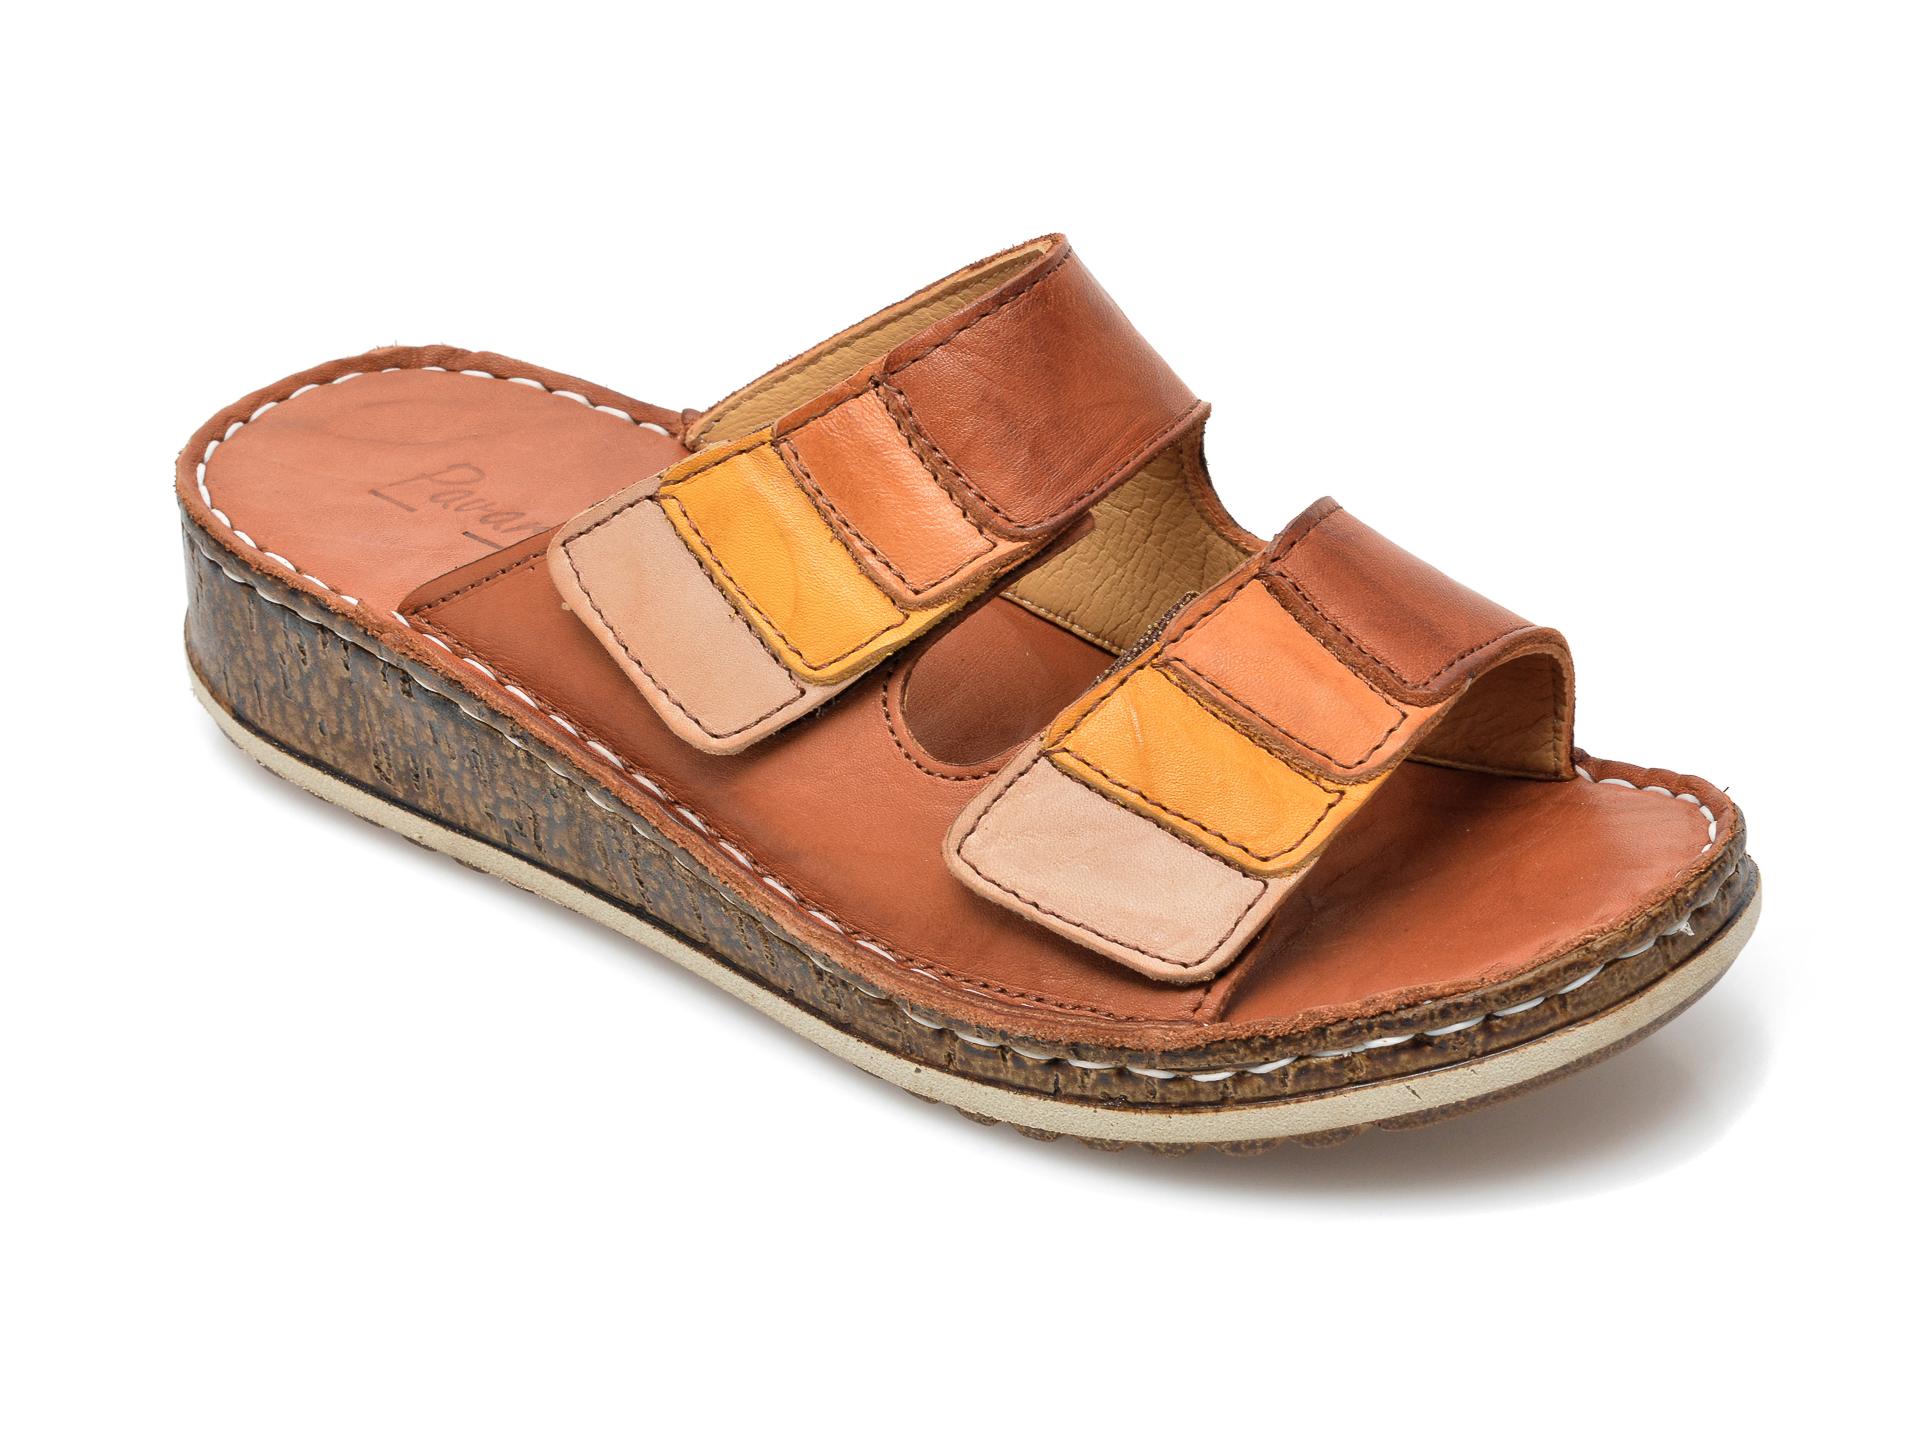 Papuci PAVARELLA maro, 1364, din piele naturala imagine otter.ro 2021